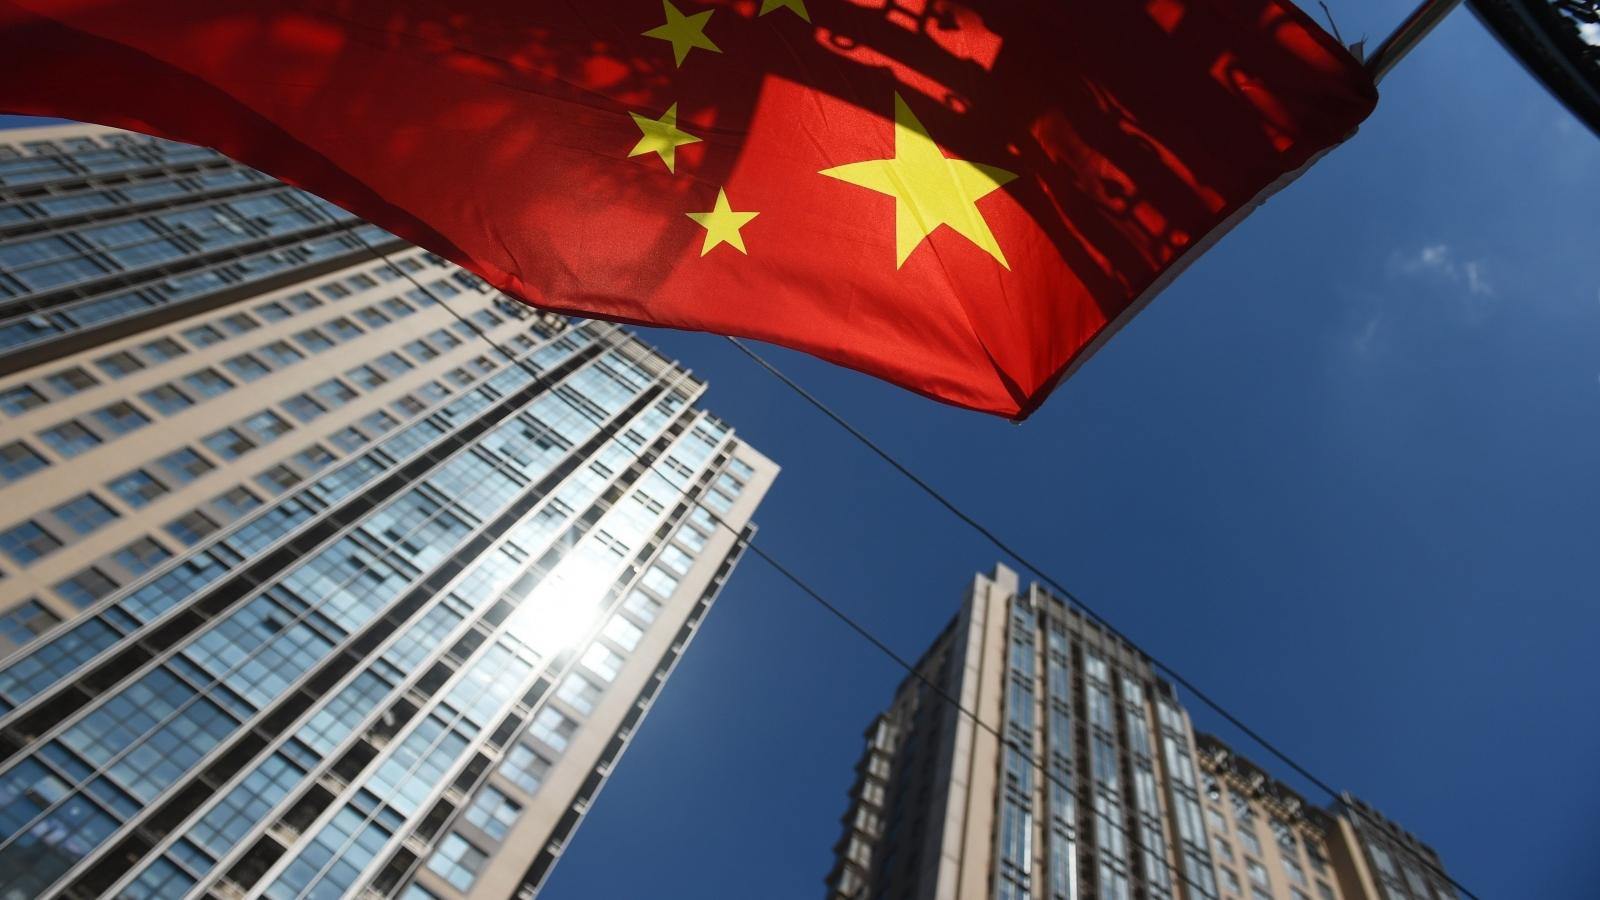 Dự báo kinh tếTrung Quốc sẽ duy trì tăngtrưởng 8% năm 2021